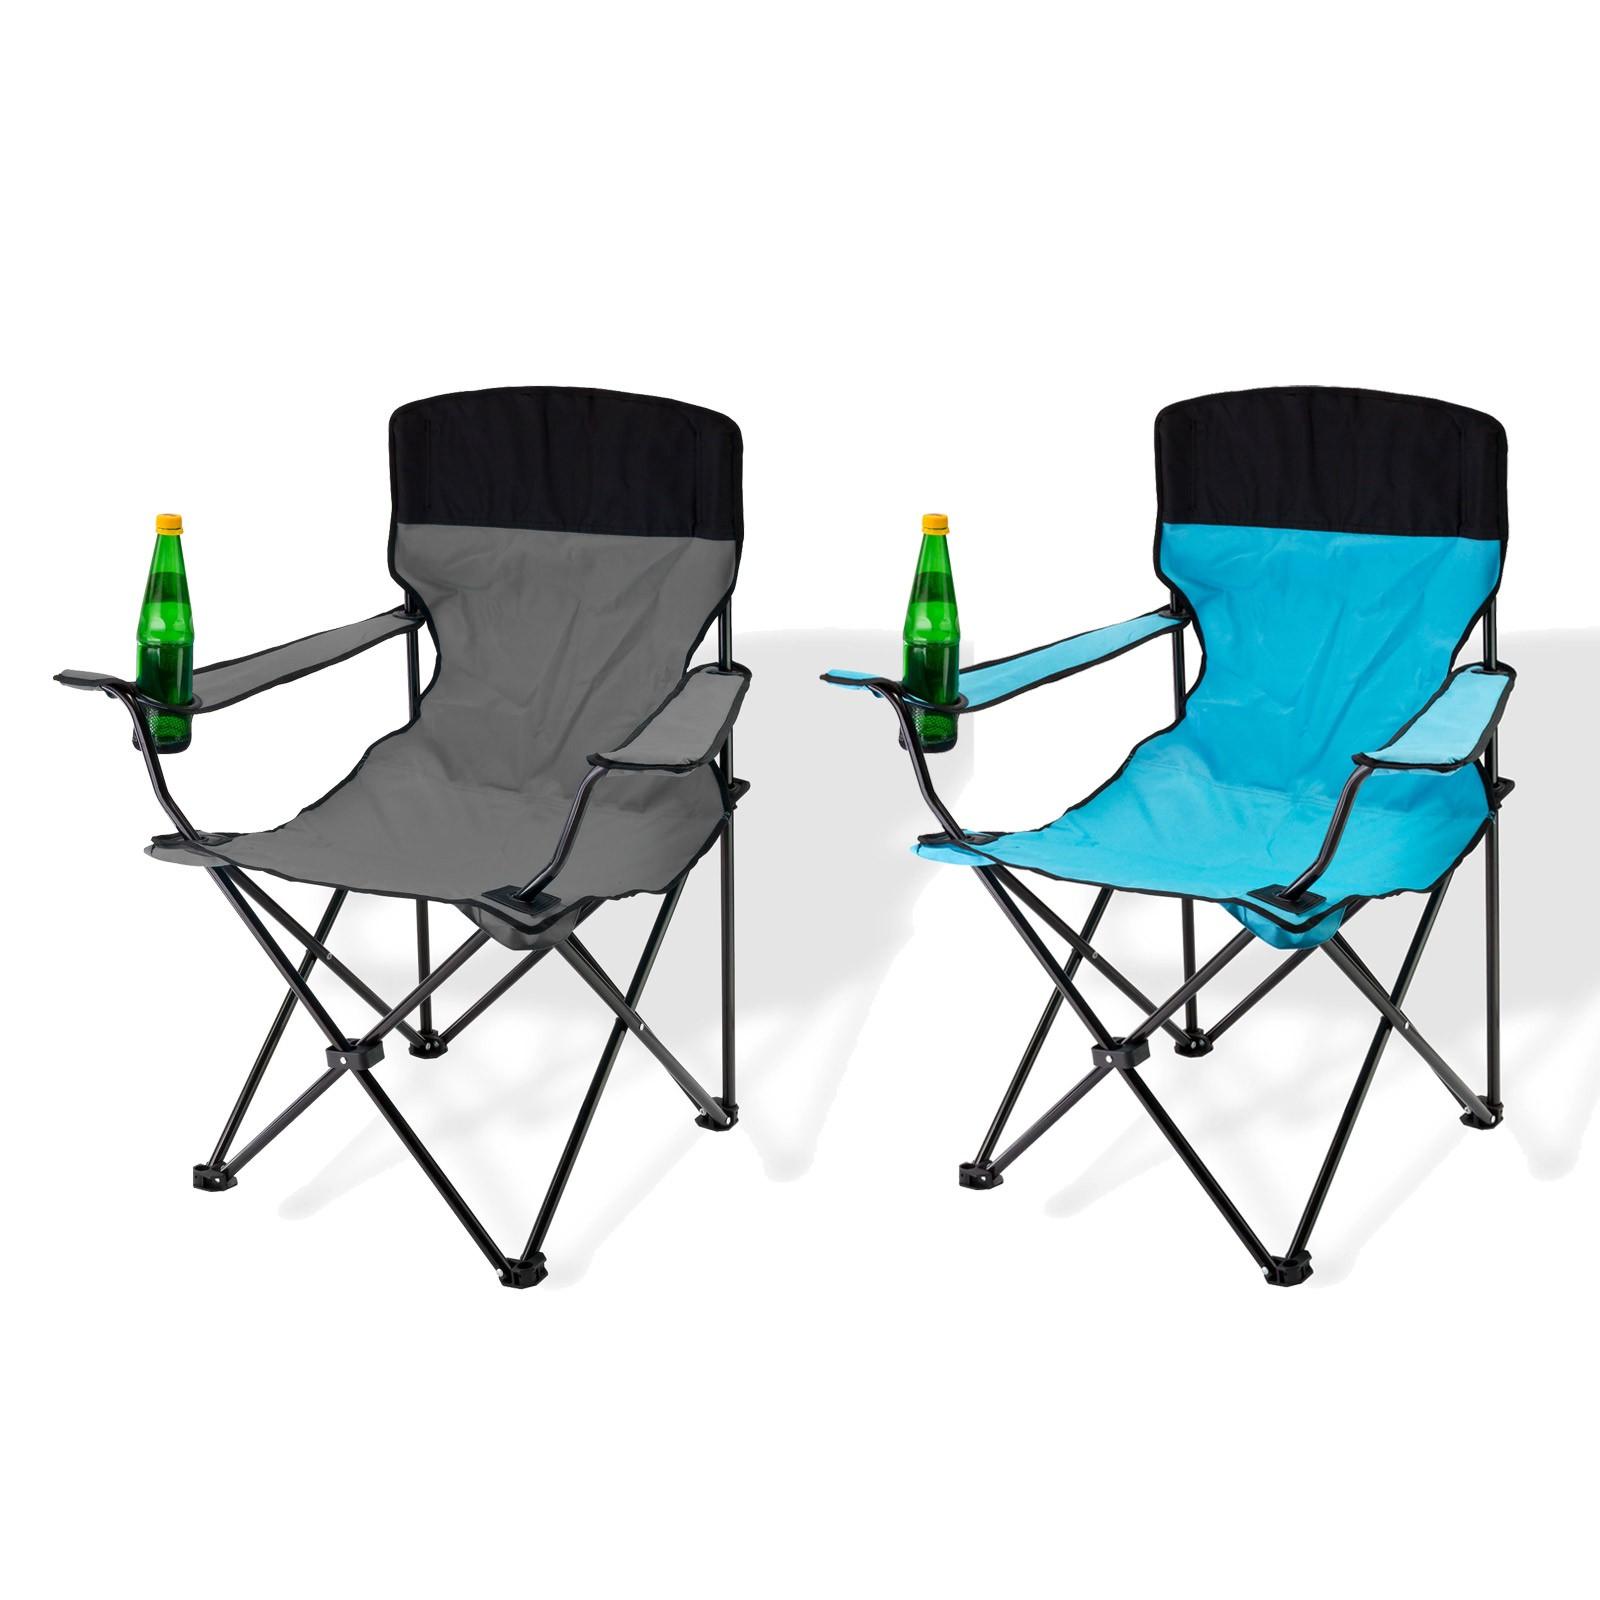 Dema Campingstuhl / Faltstuhl 2er Set grau und blau Getränkehalter Tasche 94052-94053